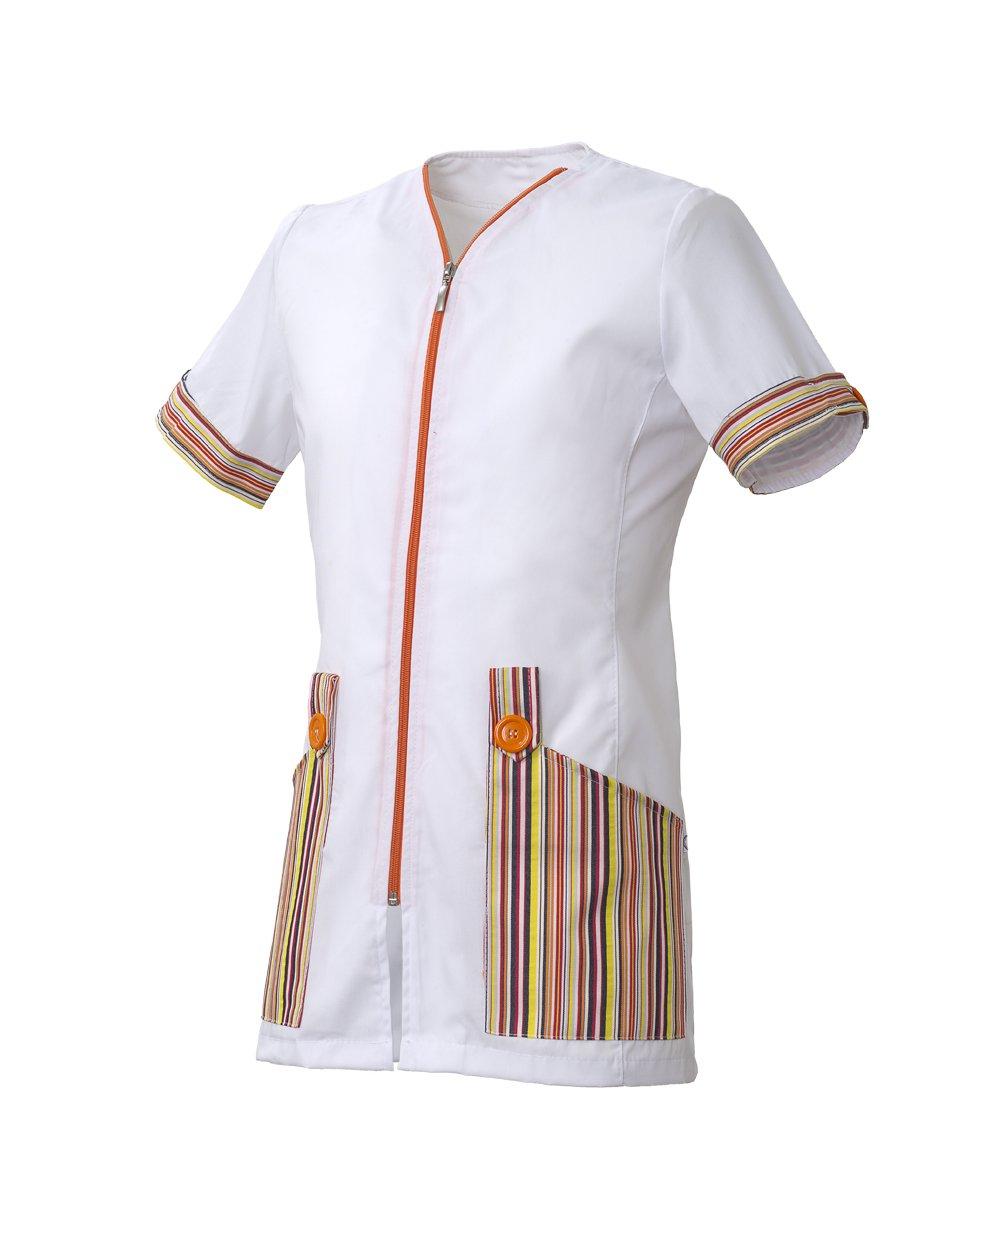 un'uniforme di color bianco con delle tasche colorate